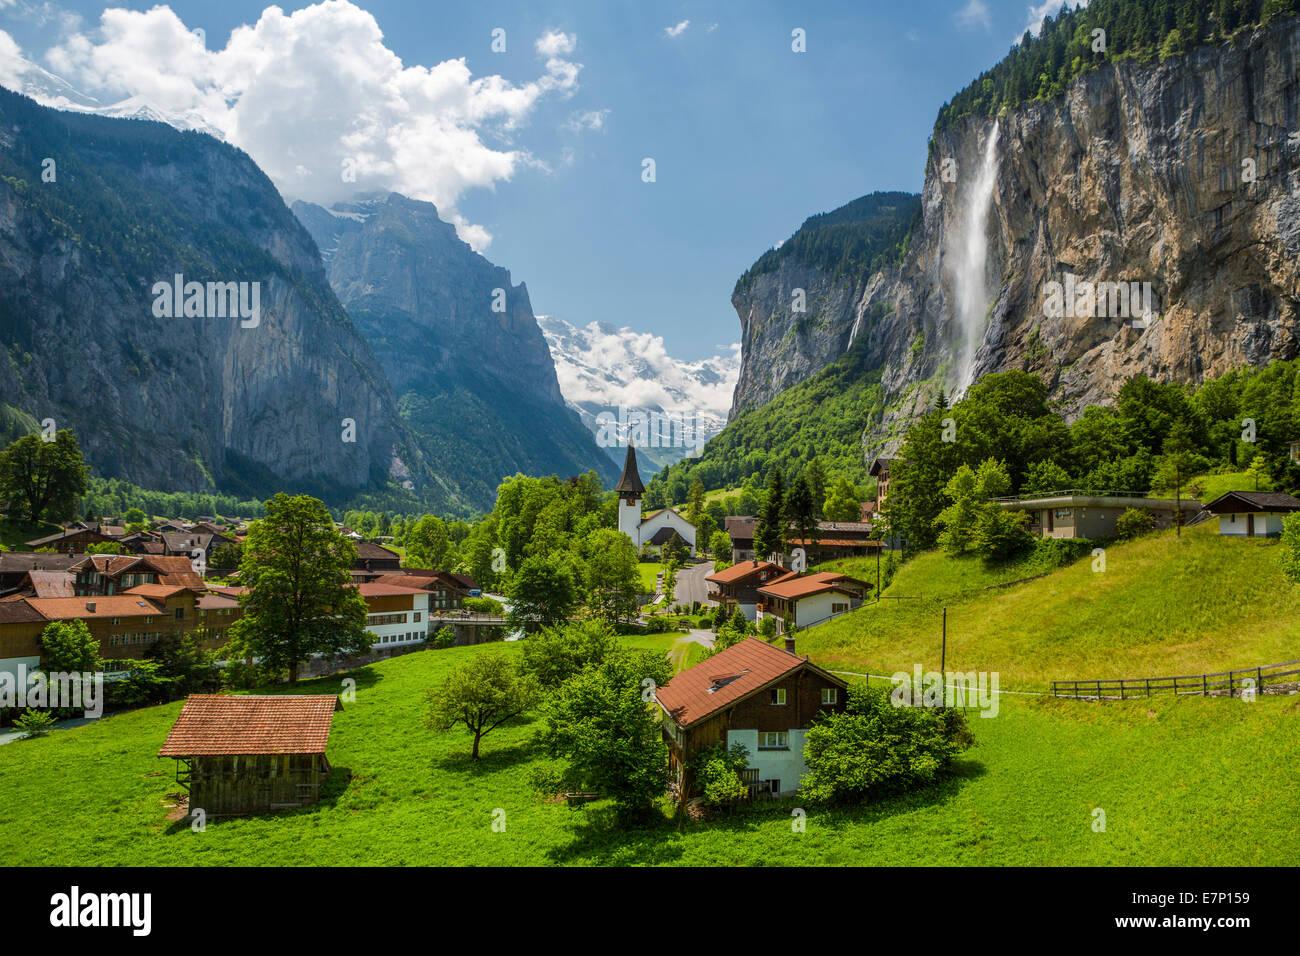 Canton de Berne, Oberland Bernois, cascade, Lauterbrunnen, Suisse, Europe, Alpes, église, ville, paysage, colorés, Photo Stock